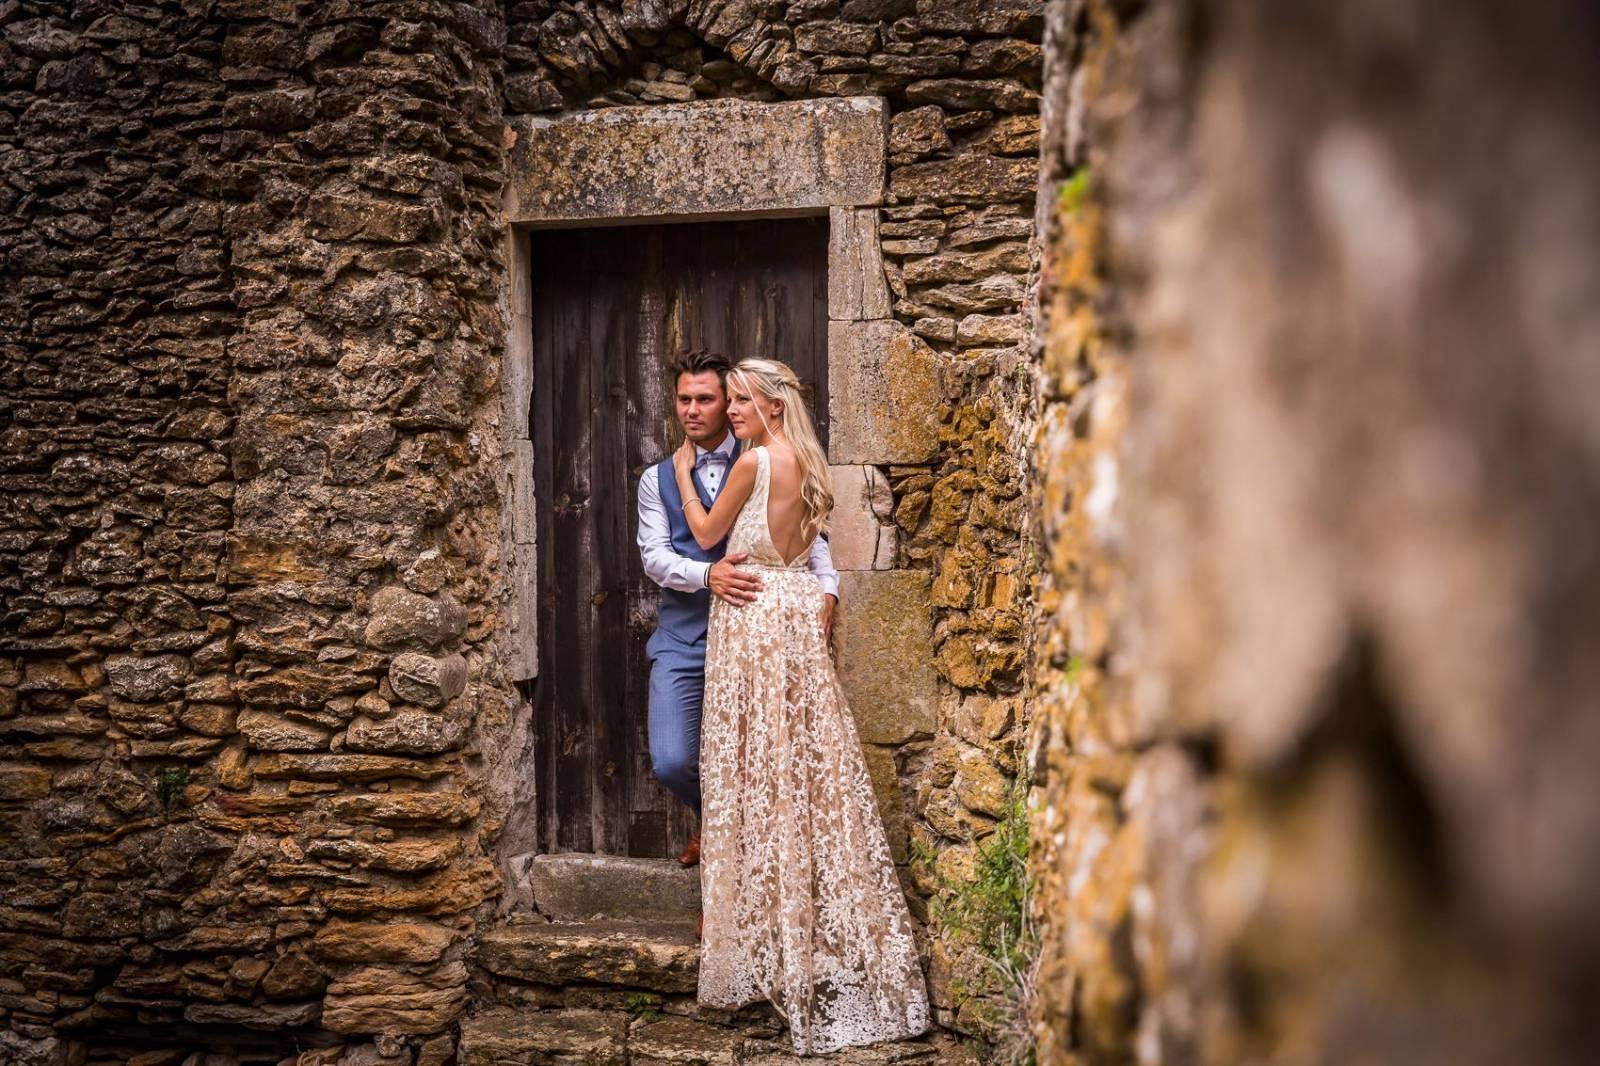 Cinderella Photographie - Trouwen in frankrijk - Huwelijksfotograaf - Trouwfotograaf - House of Weddings - 25